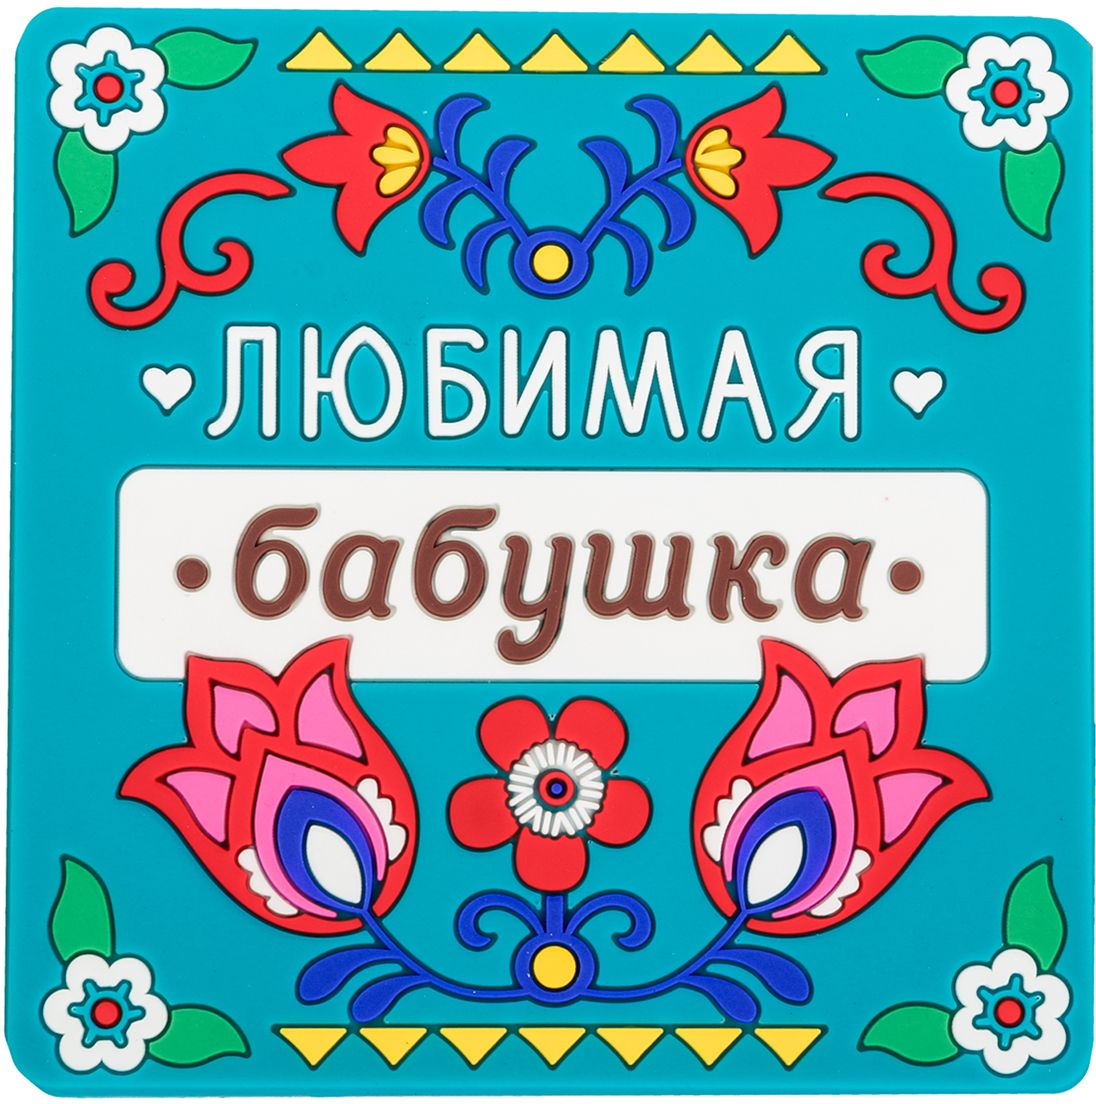 От качества посуды зависит не только вкус еды, но и здоровье человека. Подставка под горячее— товар, соответствующий российским стандартам качества. Любой хозяйке будет приятно держать его в руках.